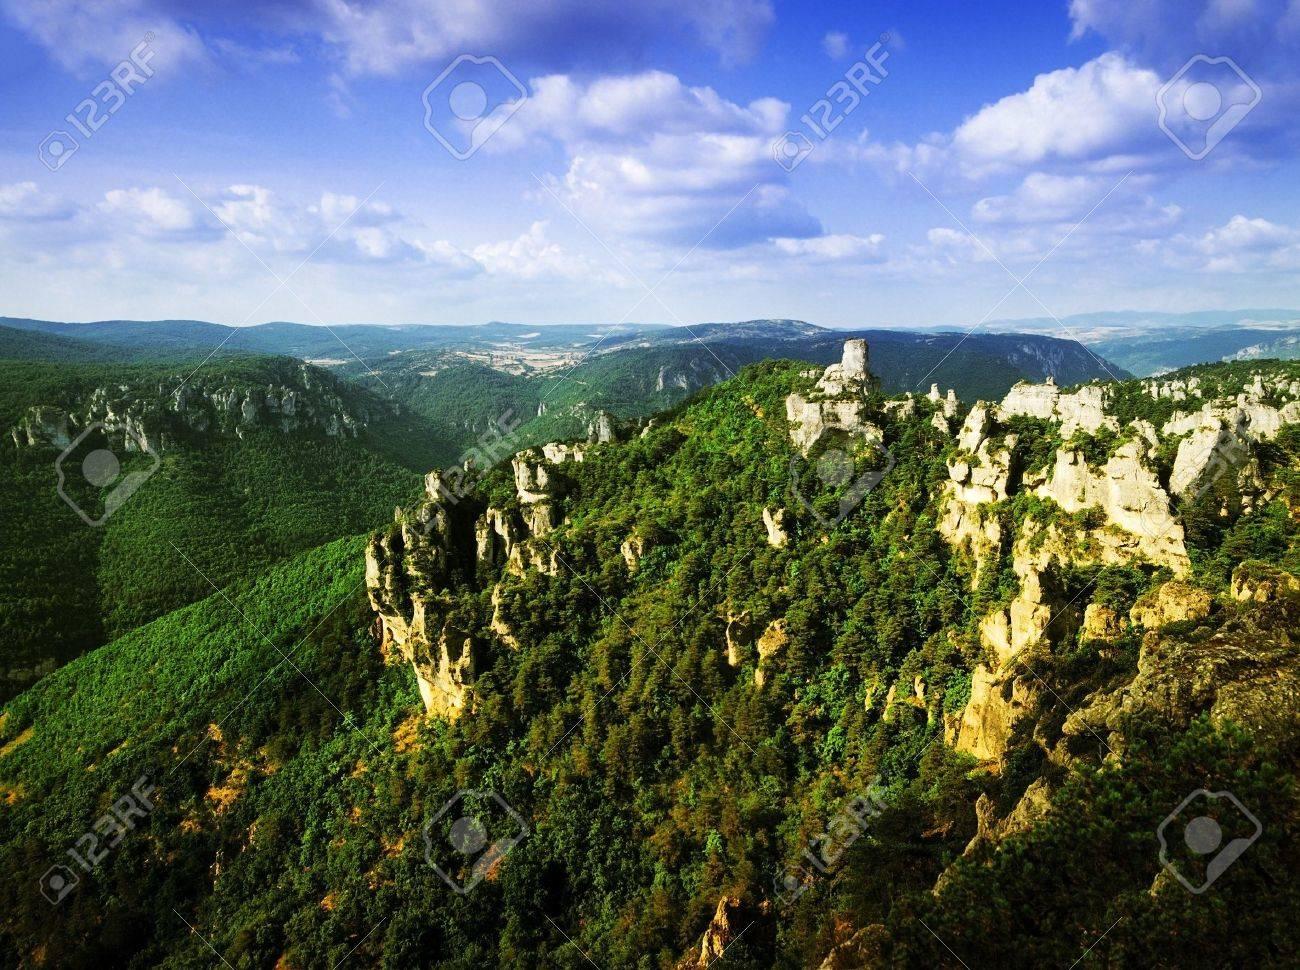 Vers la fin de Daech ? 15905914-calcaire-affleurent-Montpellier-le-Vieux-le-Causse-M-jean-plateau-de-la-montagne-Parc-national-des-C-Banque-d'images